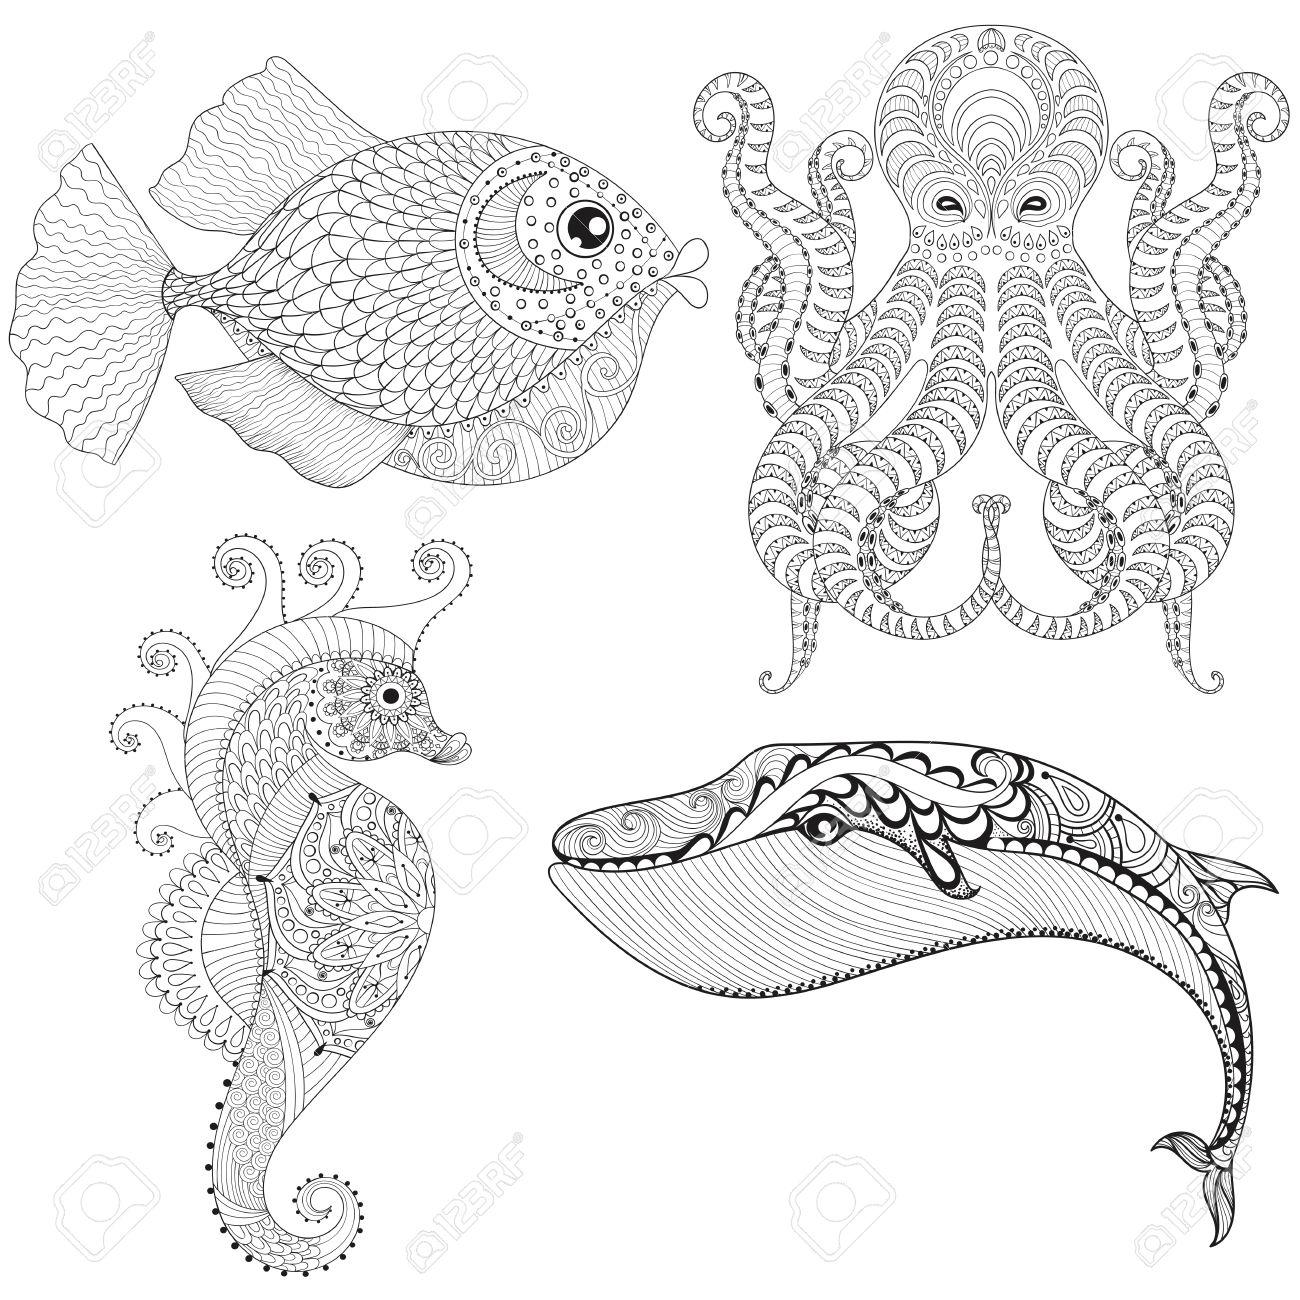 Dibujado A Mano Pulpo Artística Caballo De Mar Ballenas Pescado